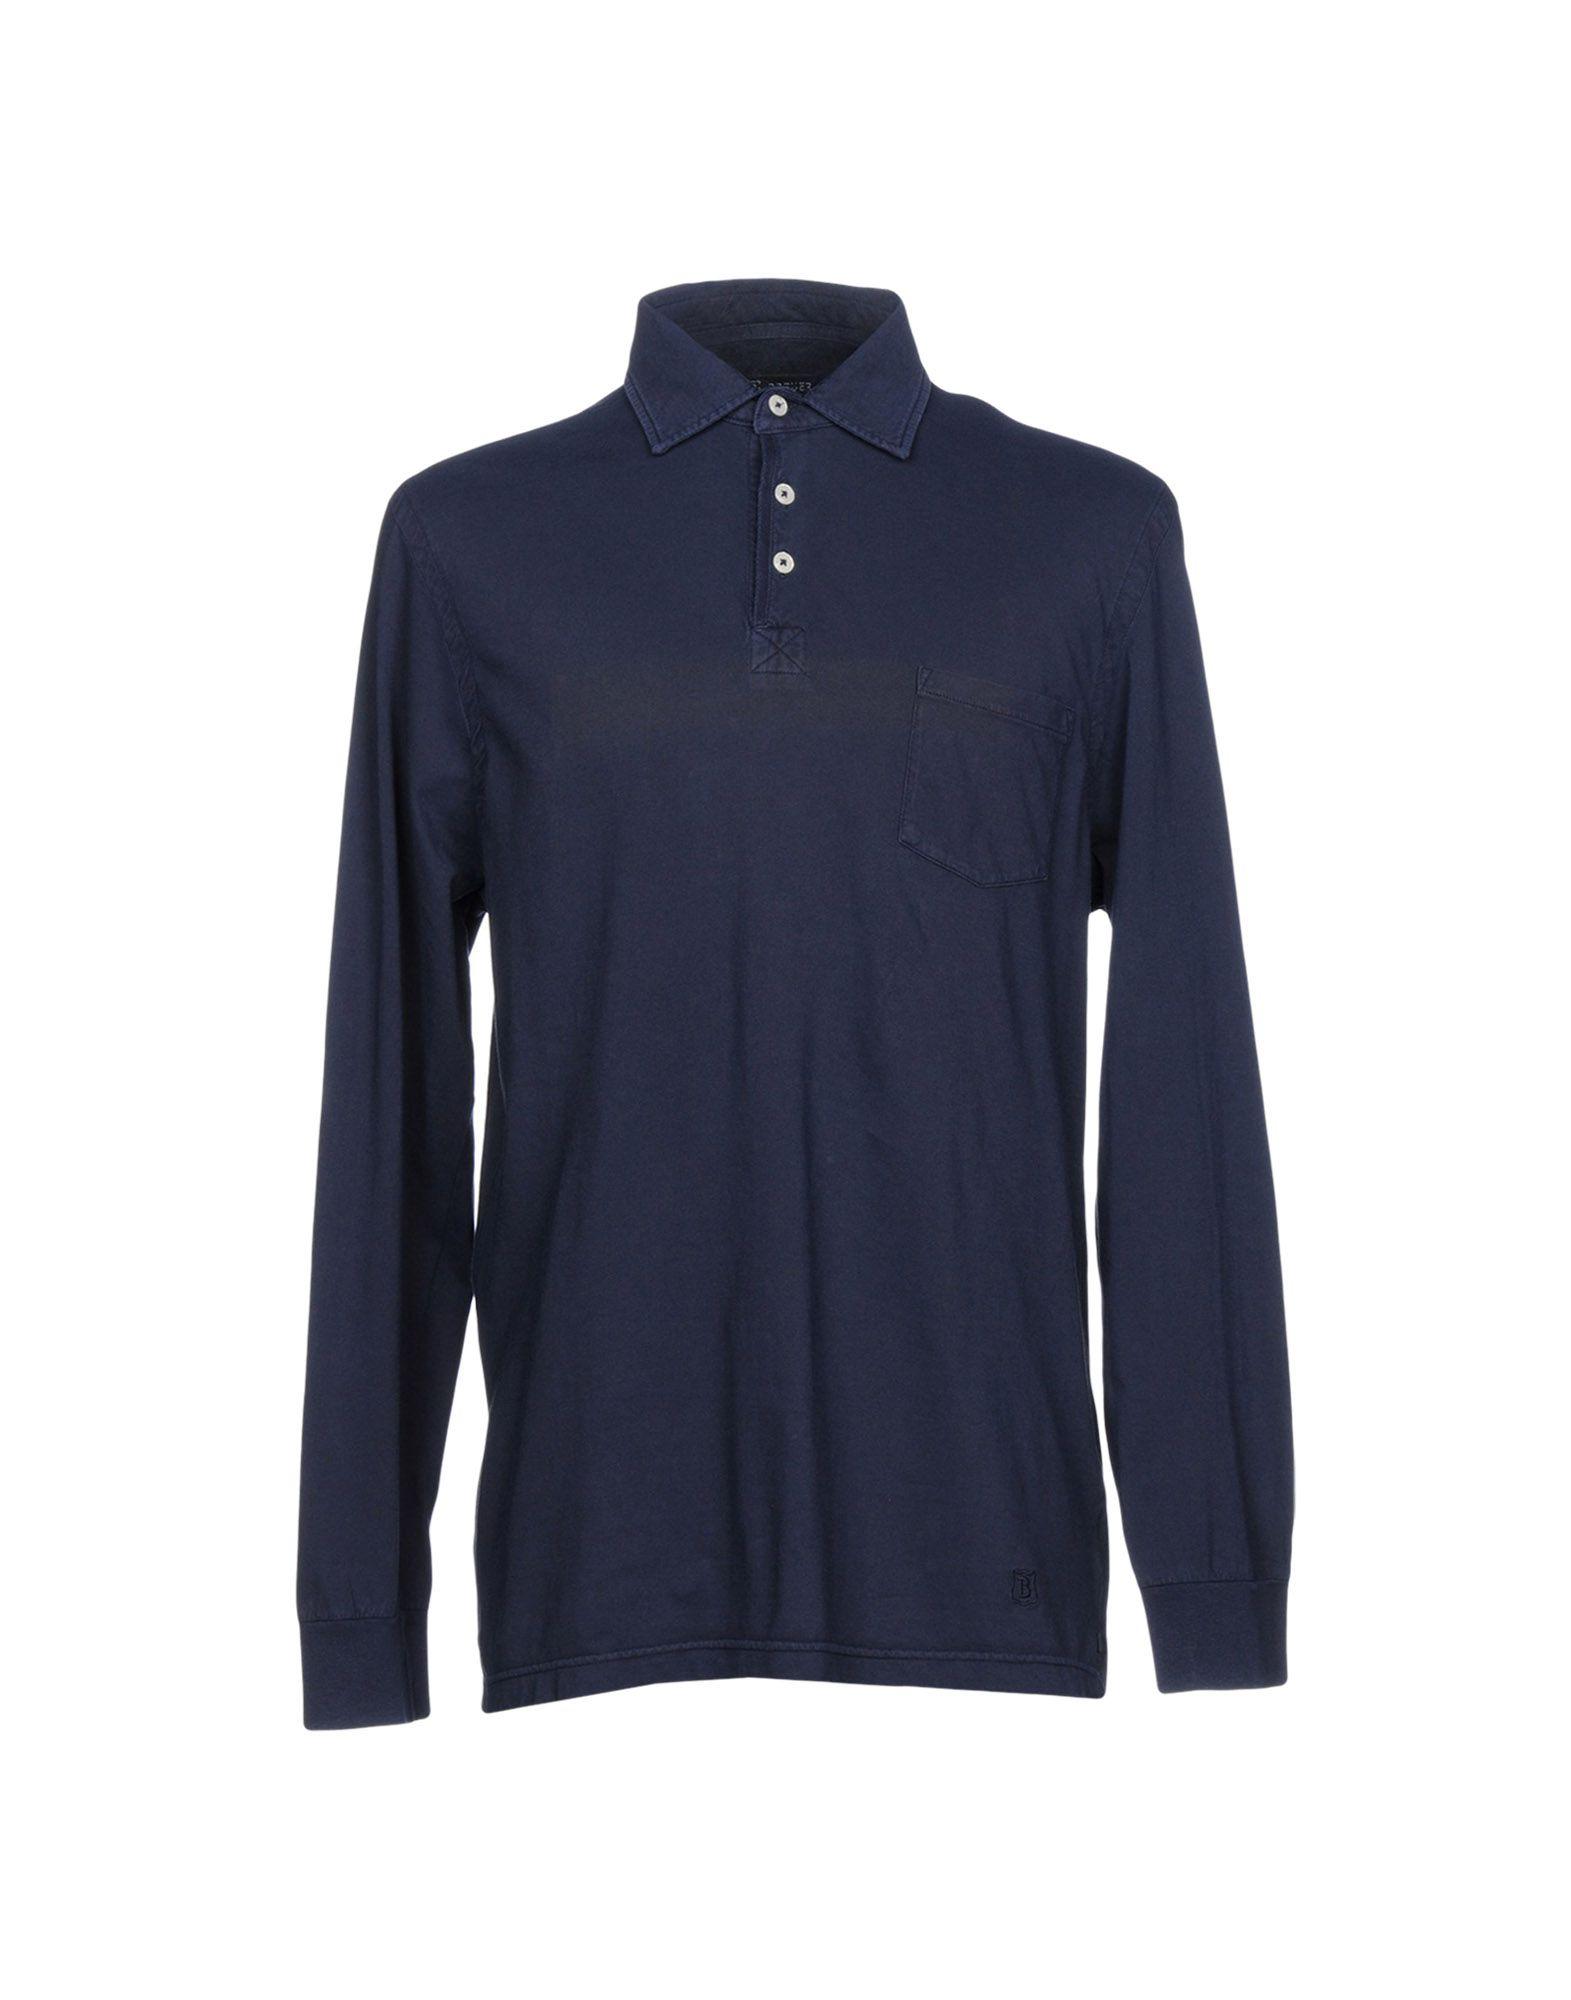 BREUER Polo Shirt in Dark Blue